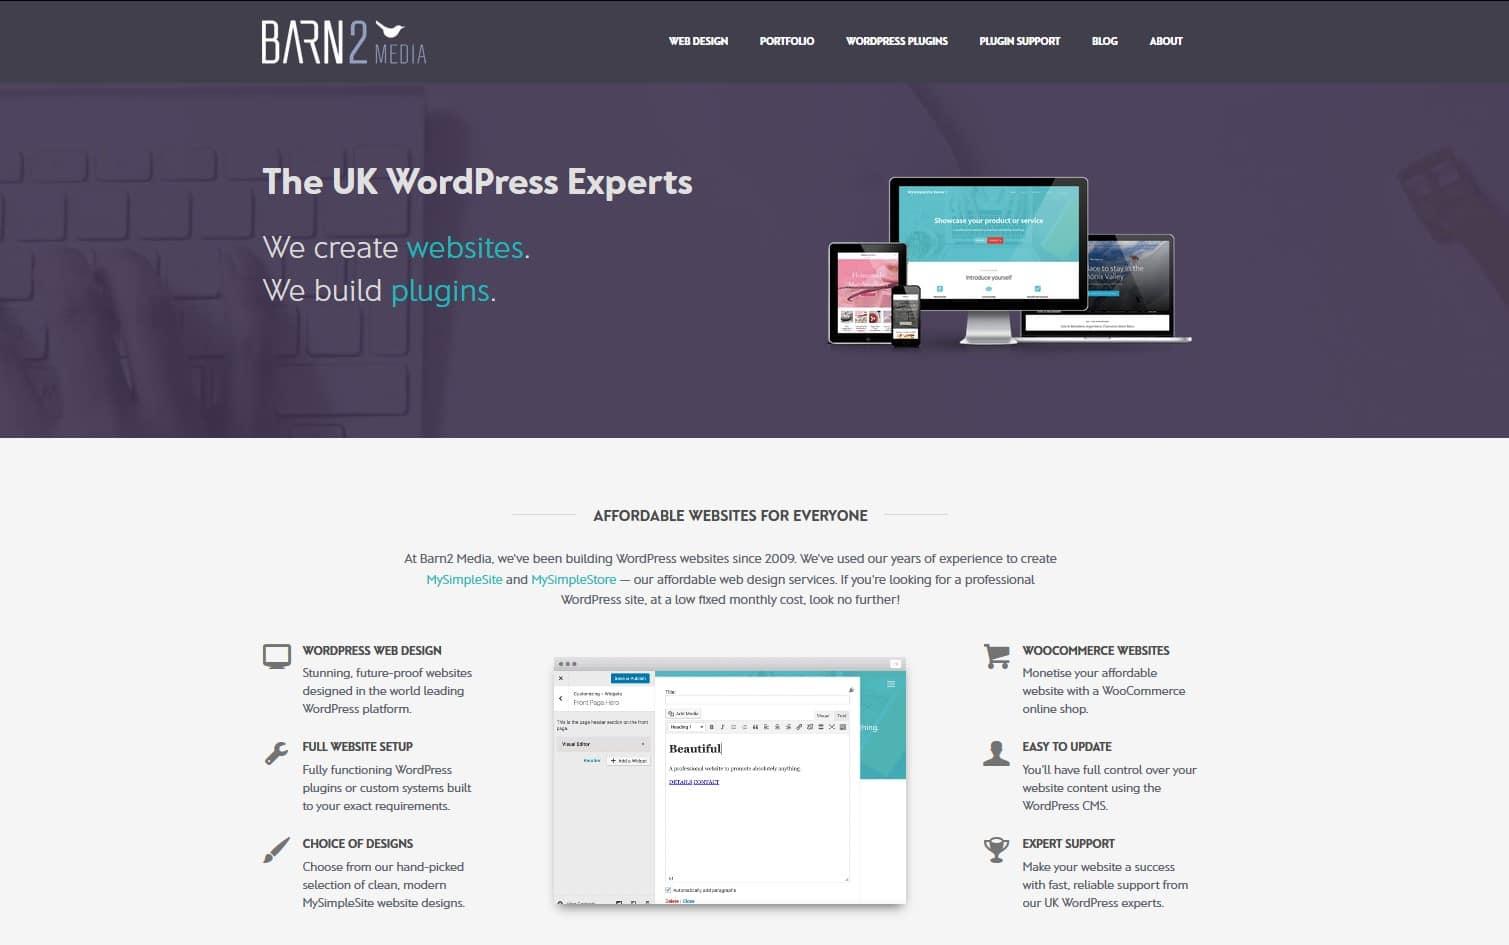 Barn2 Media landing page